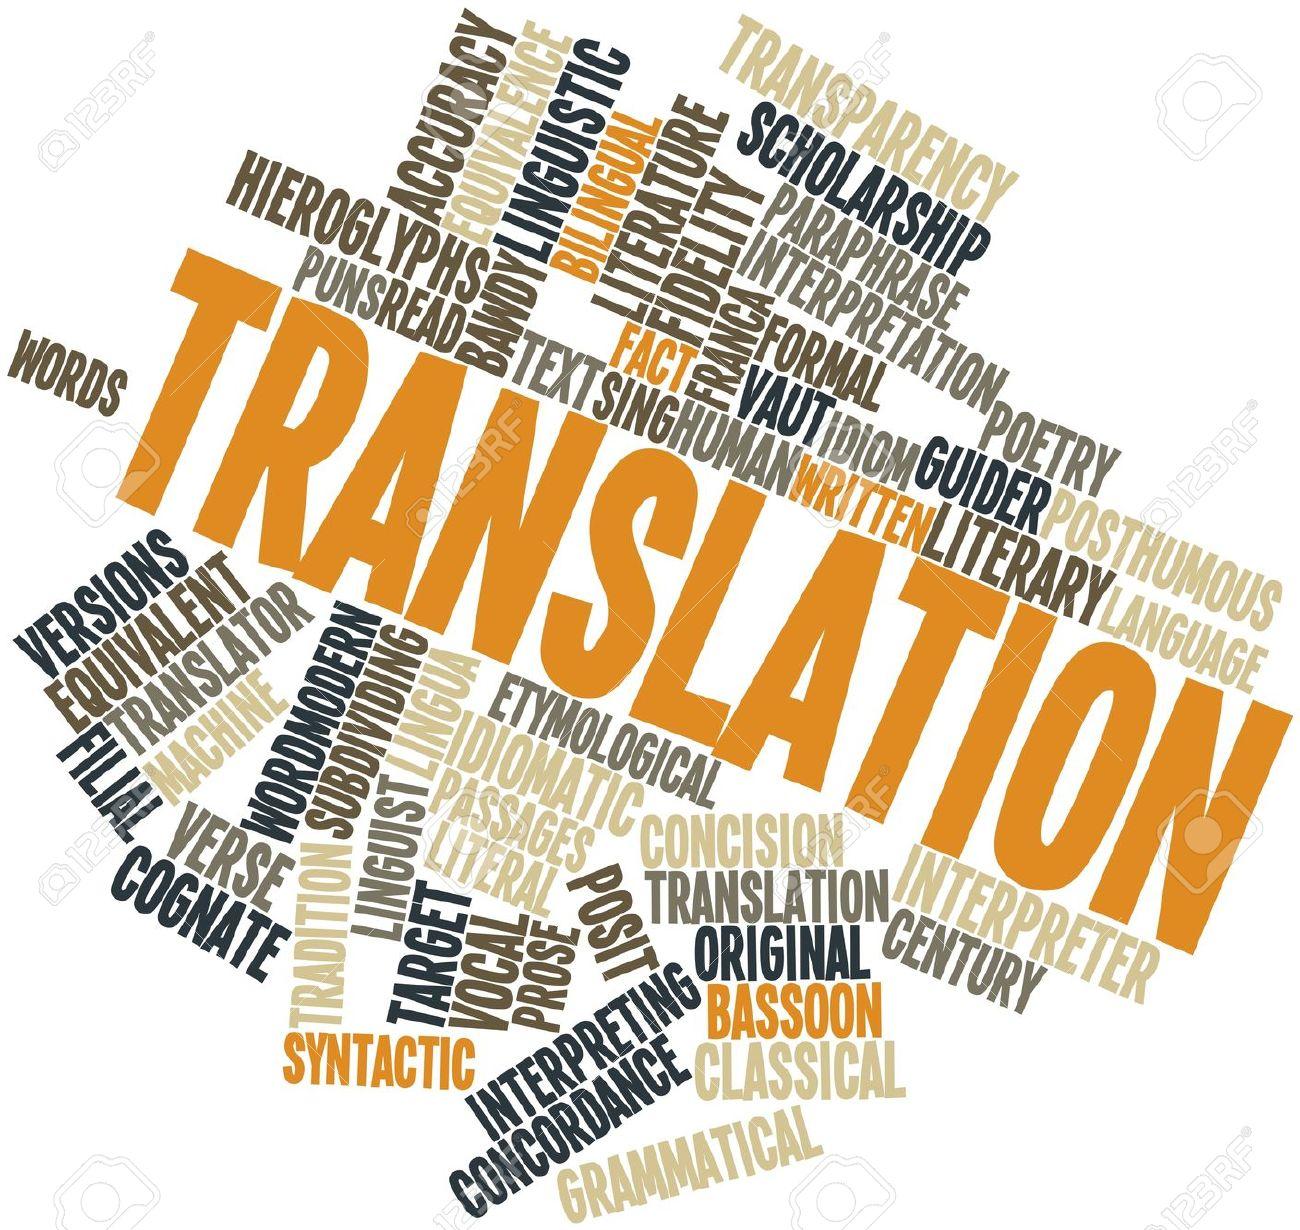 Imagini pentru translation